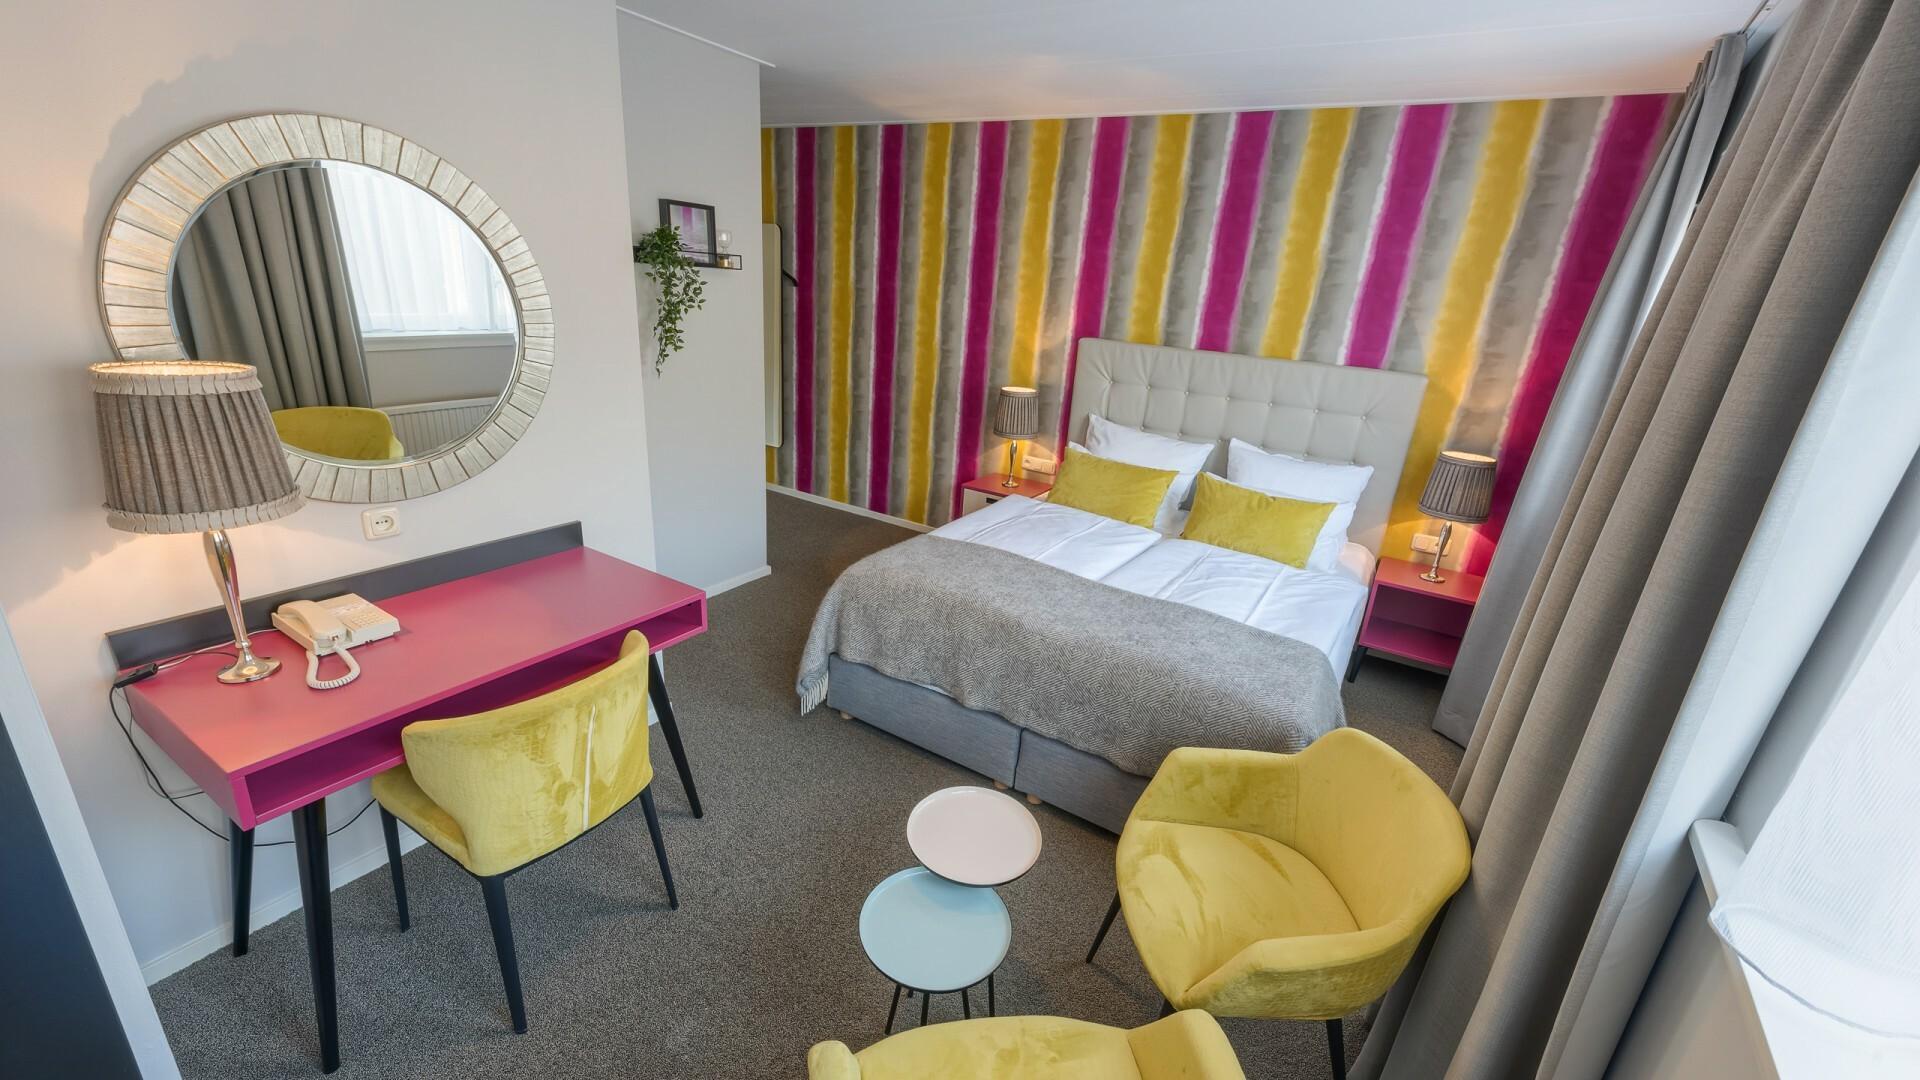 Hotelkamer van Hotel Op Diek in Den Hoorn VVV Texel